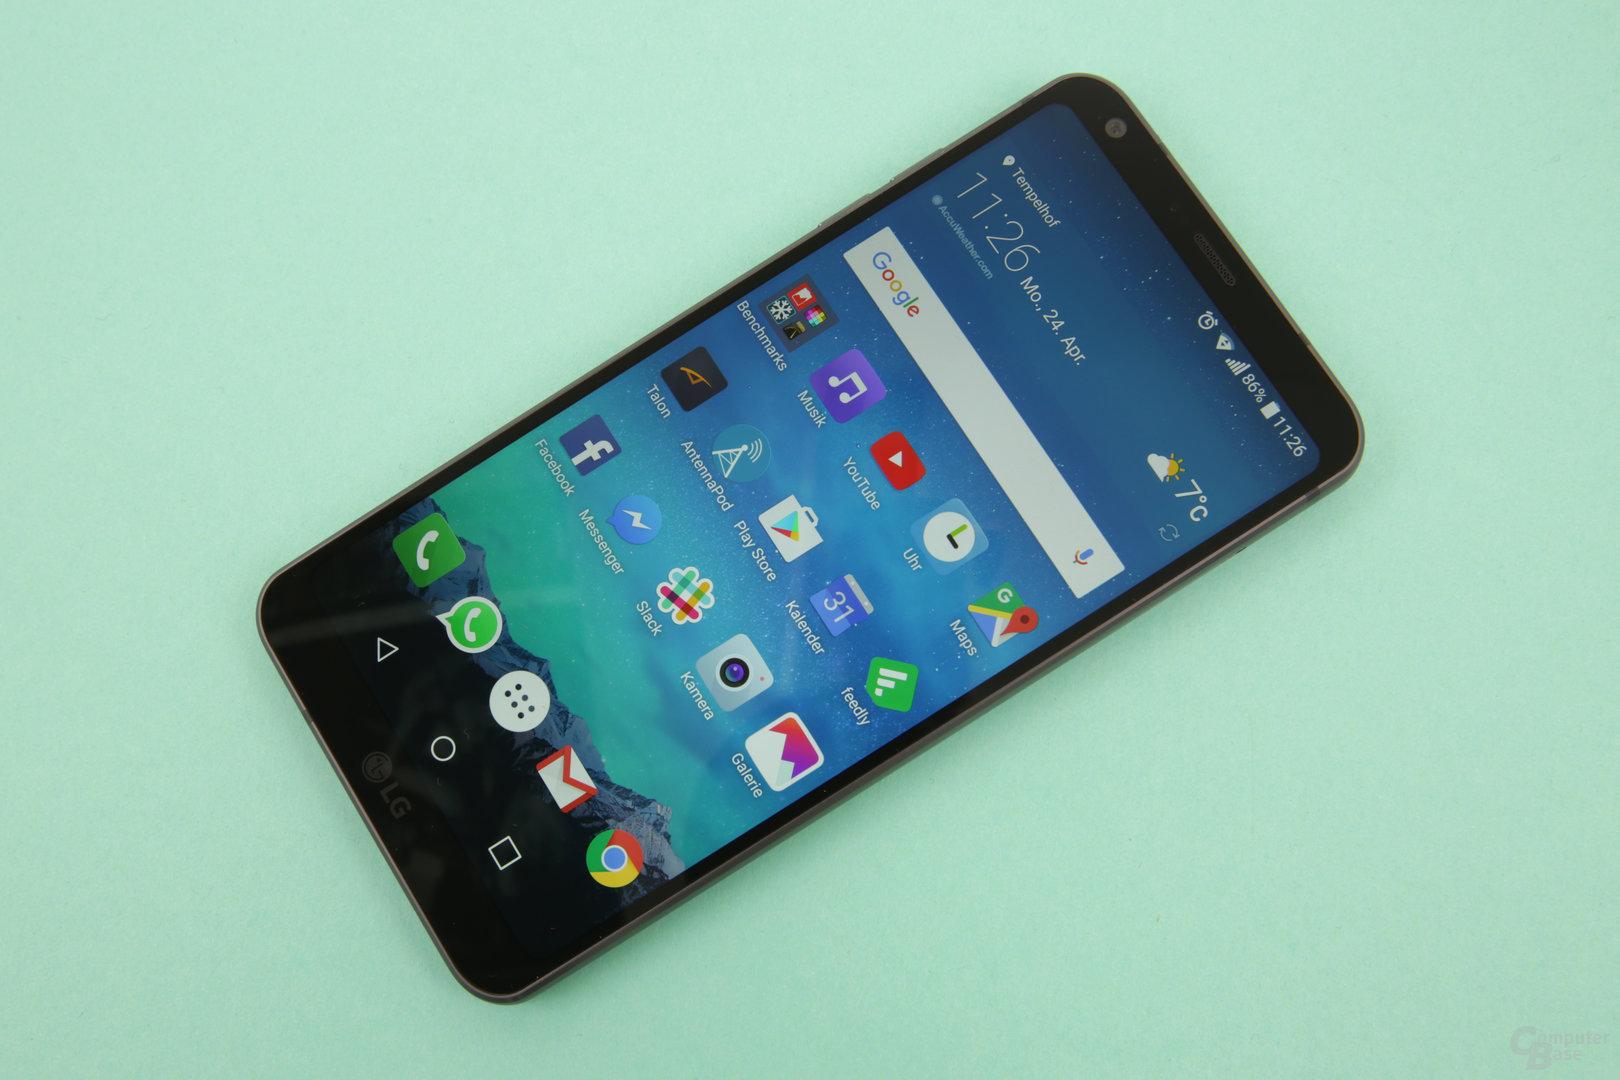 Das HDR-Display von LG leuchtet Hell und bietet einen hohen Kontrast